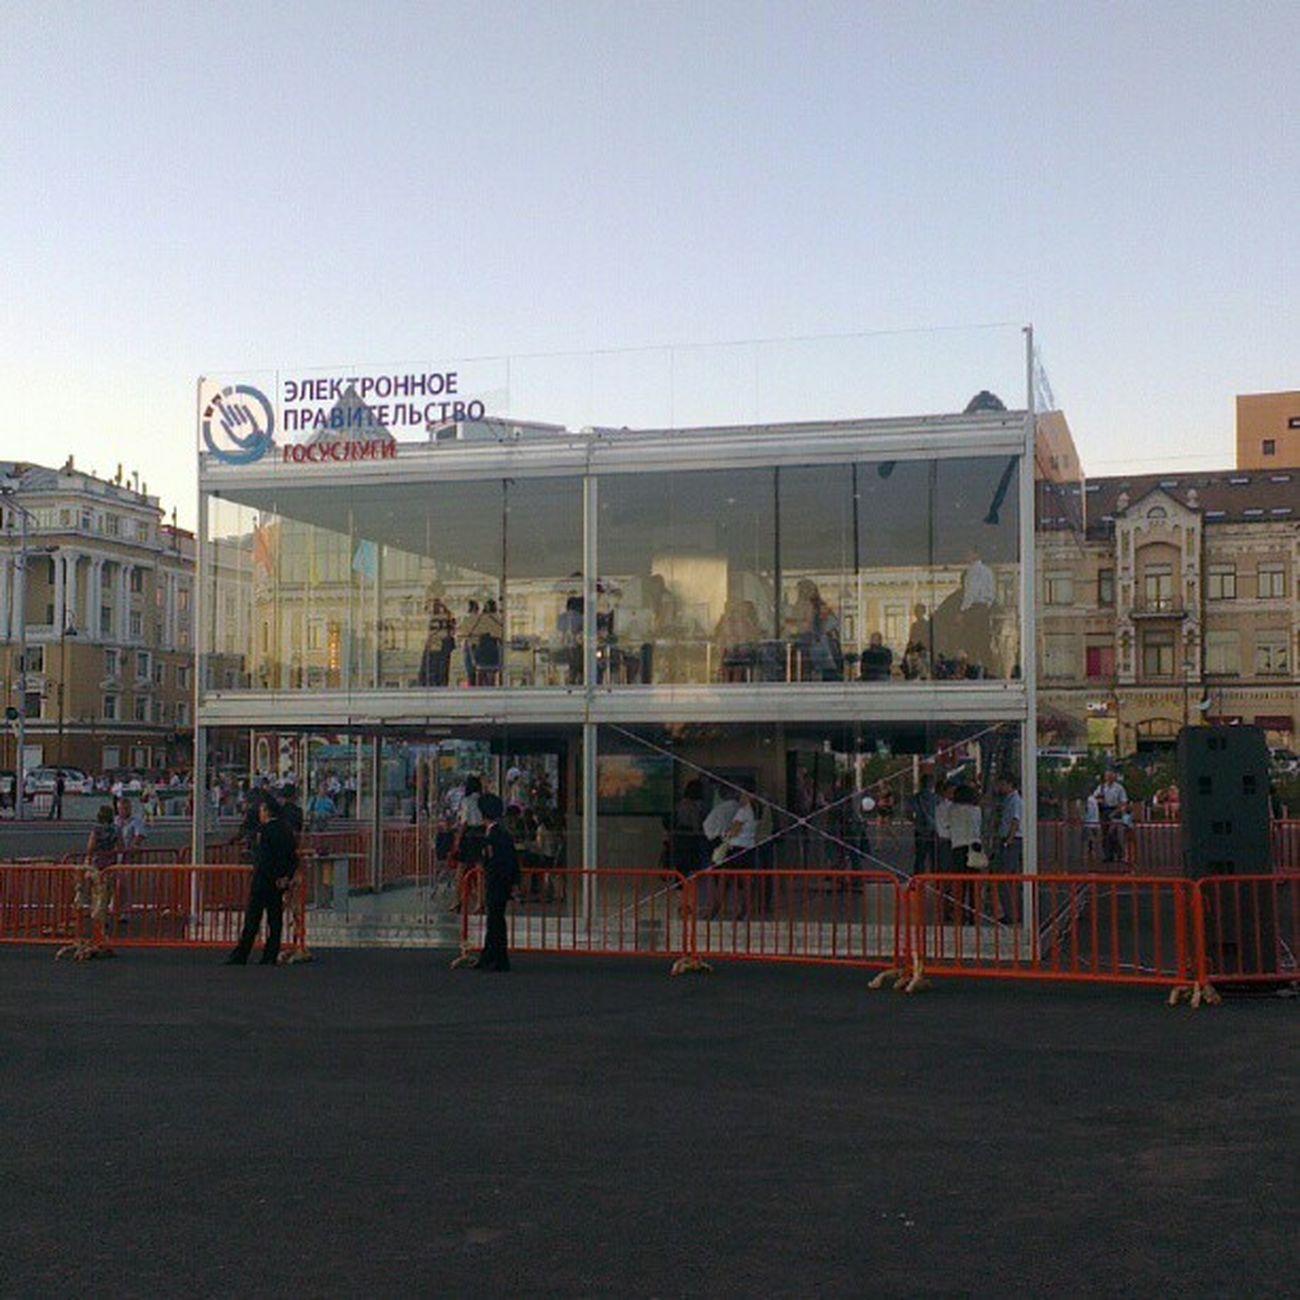 Куб огородили и приставили охрану.  Владивосток  саммит APEC2012